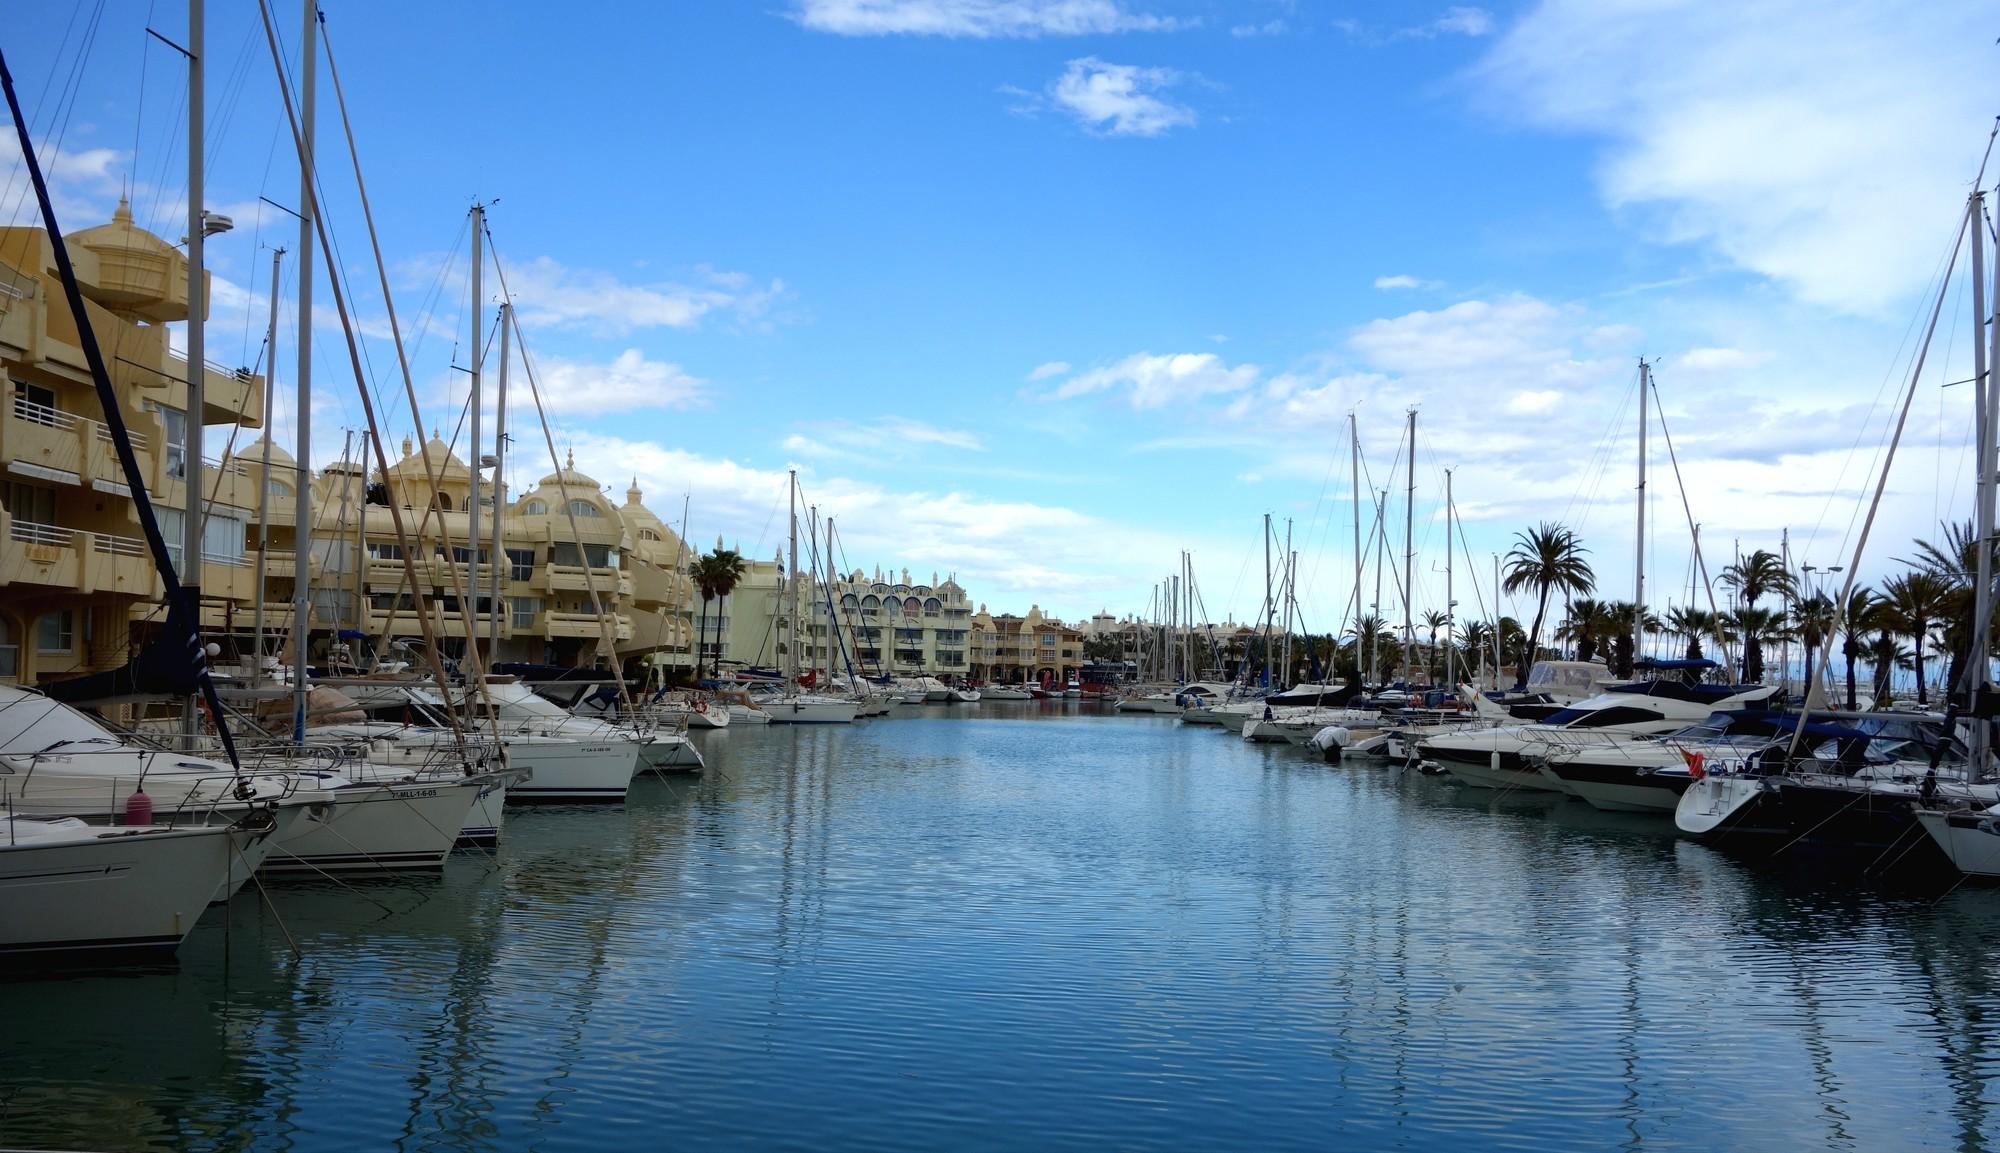 Торрмолинос (Испания) - гавань